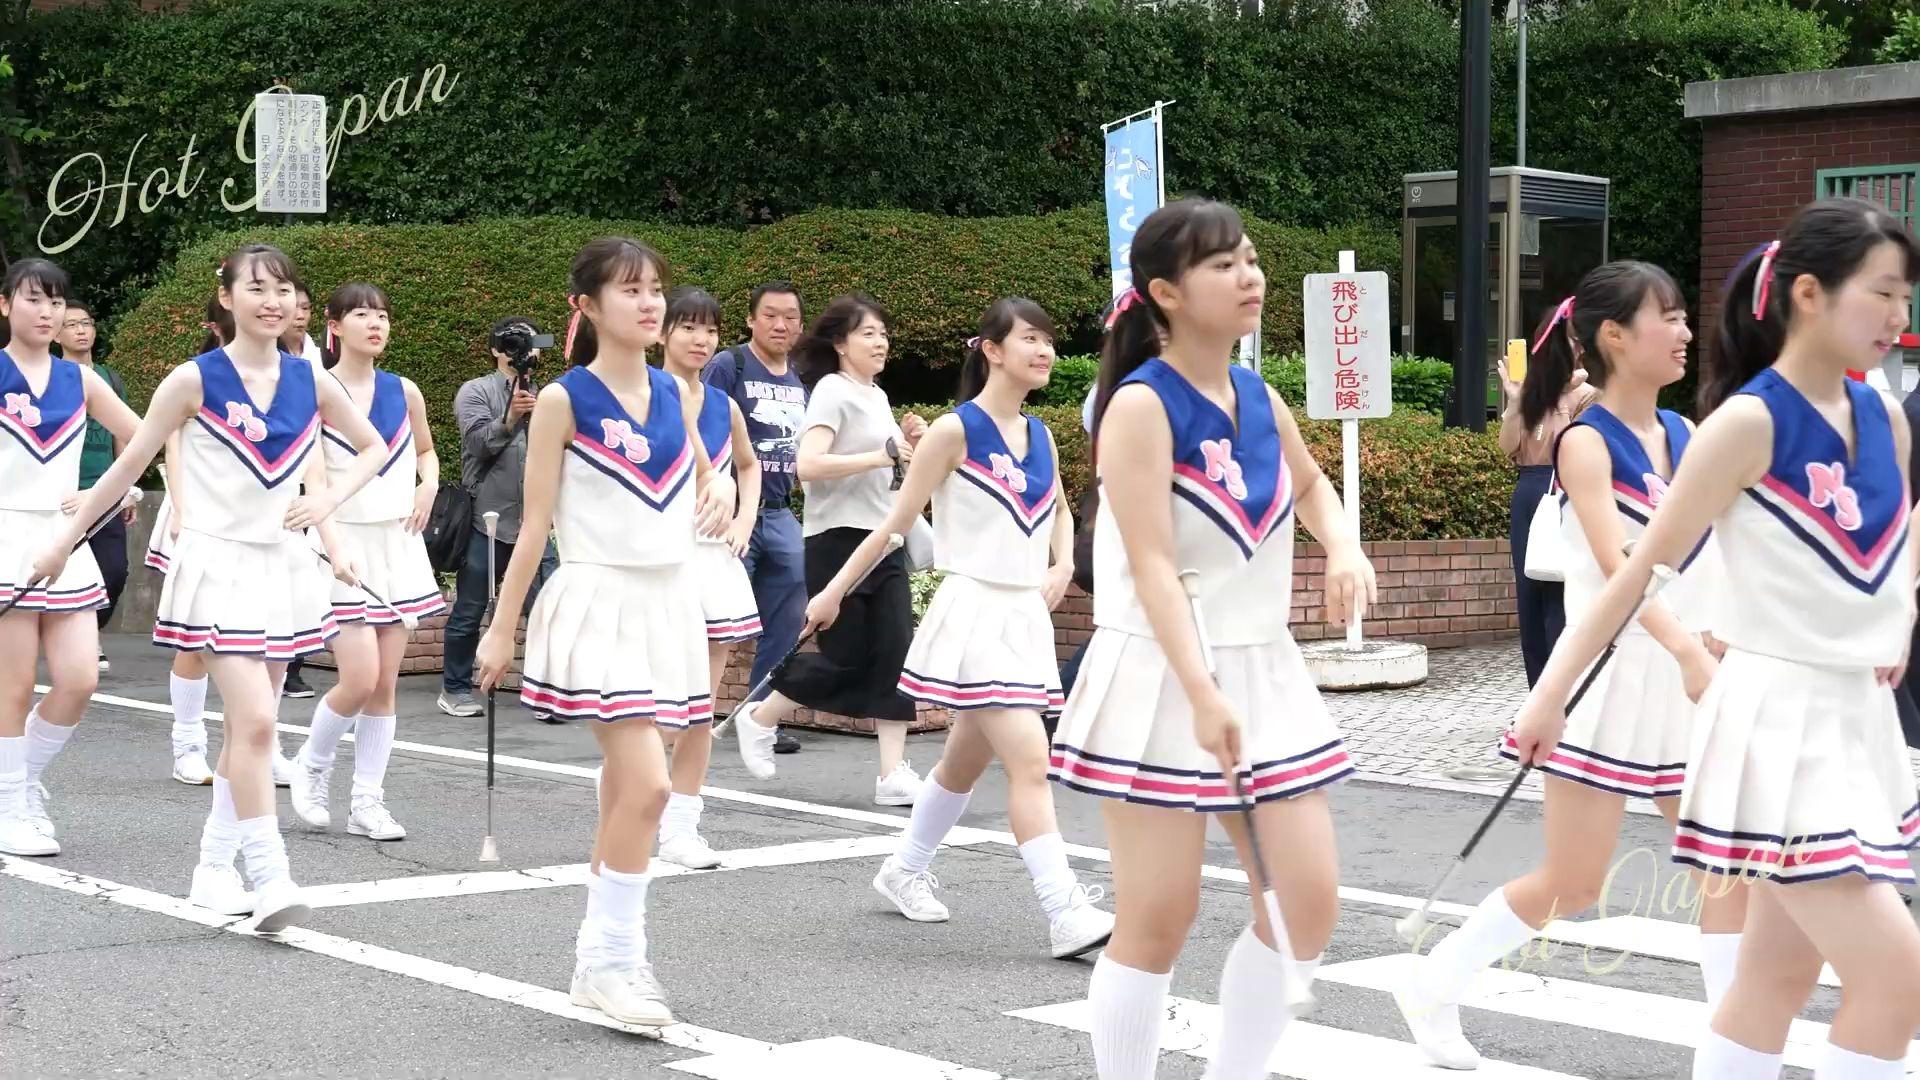 高等 丘 大学 学校 櫻 日本